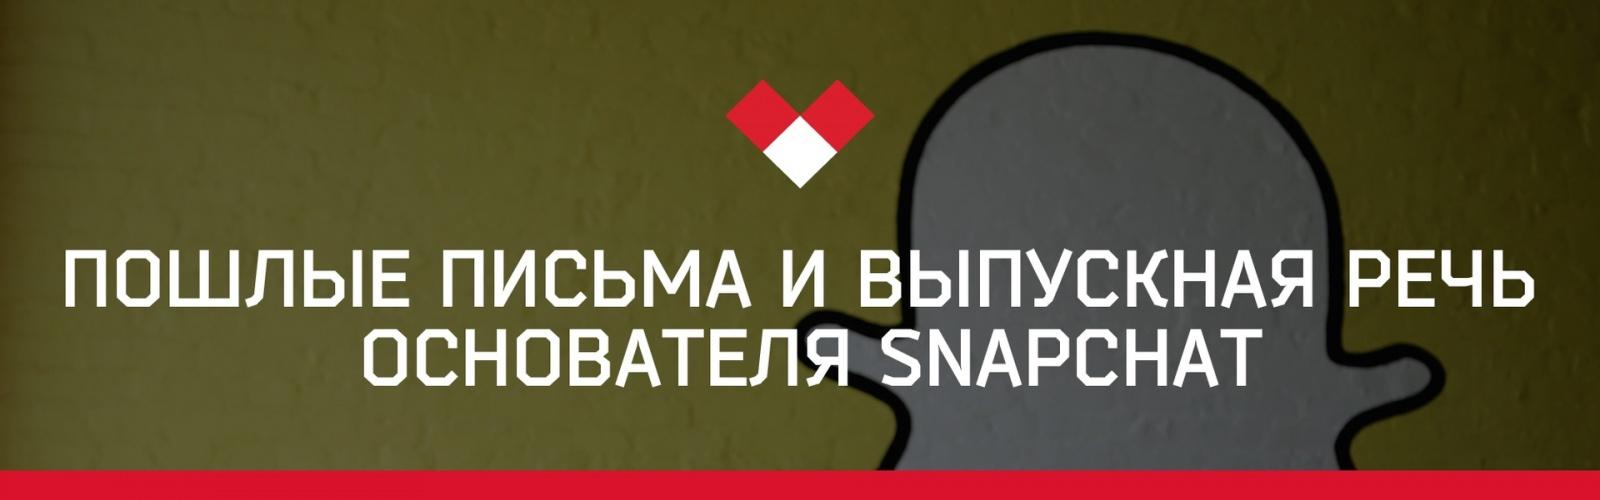 Пошлые письма и выпускная речь основателя Snapchat - 1